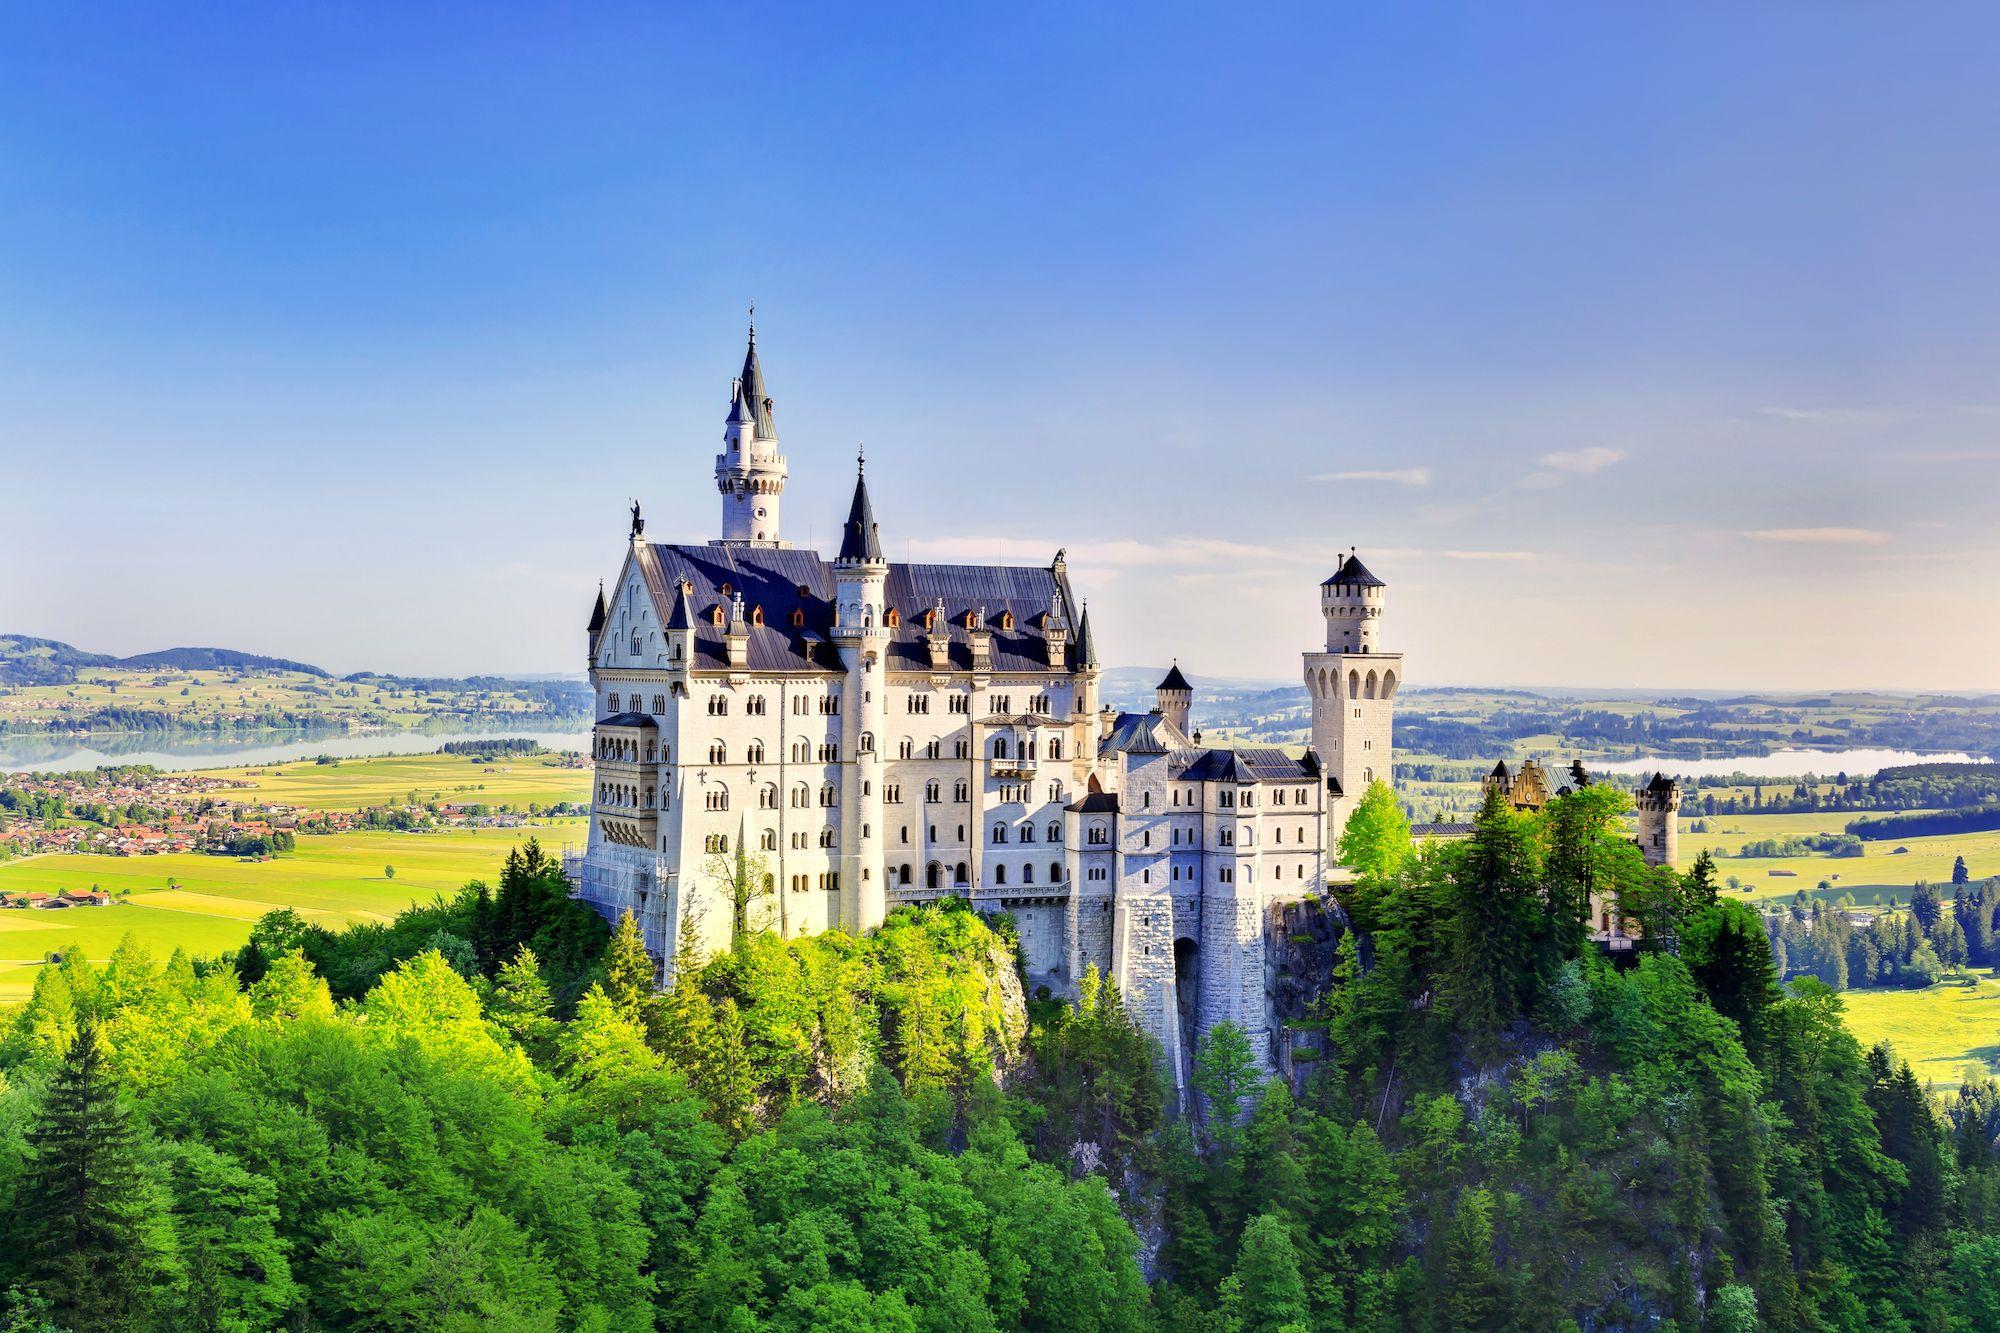 Germany - castle neuschwanstein